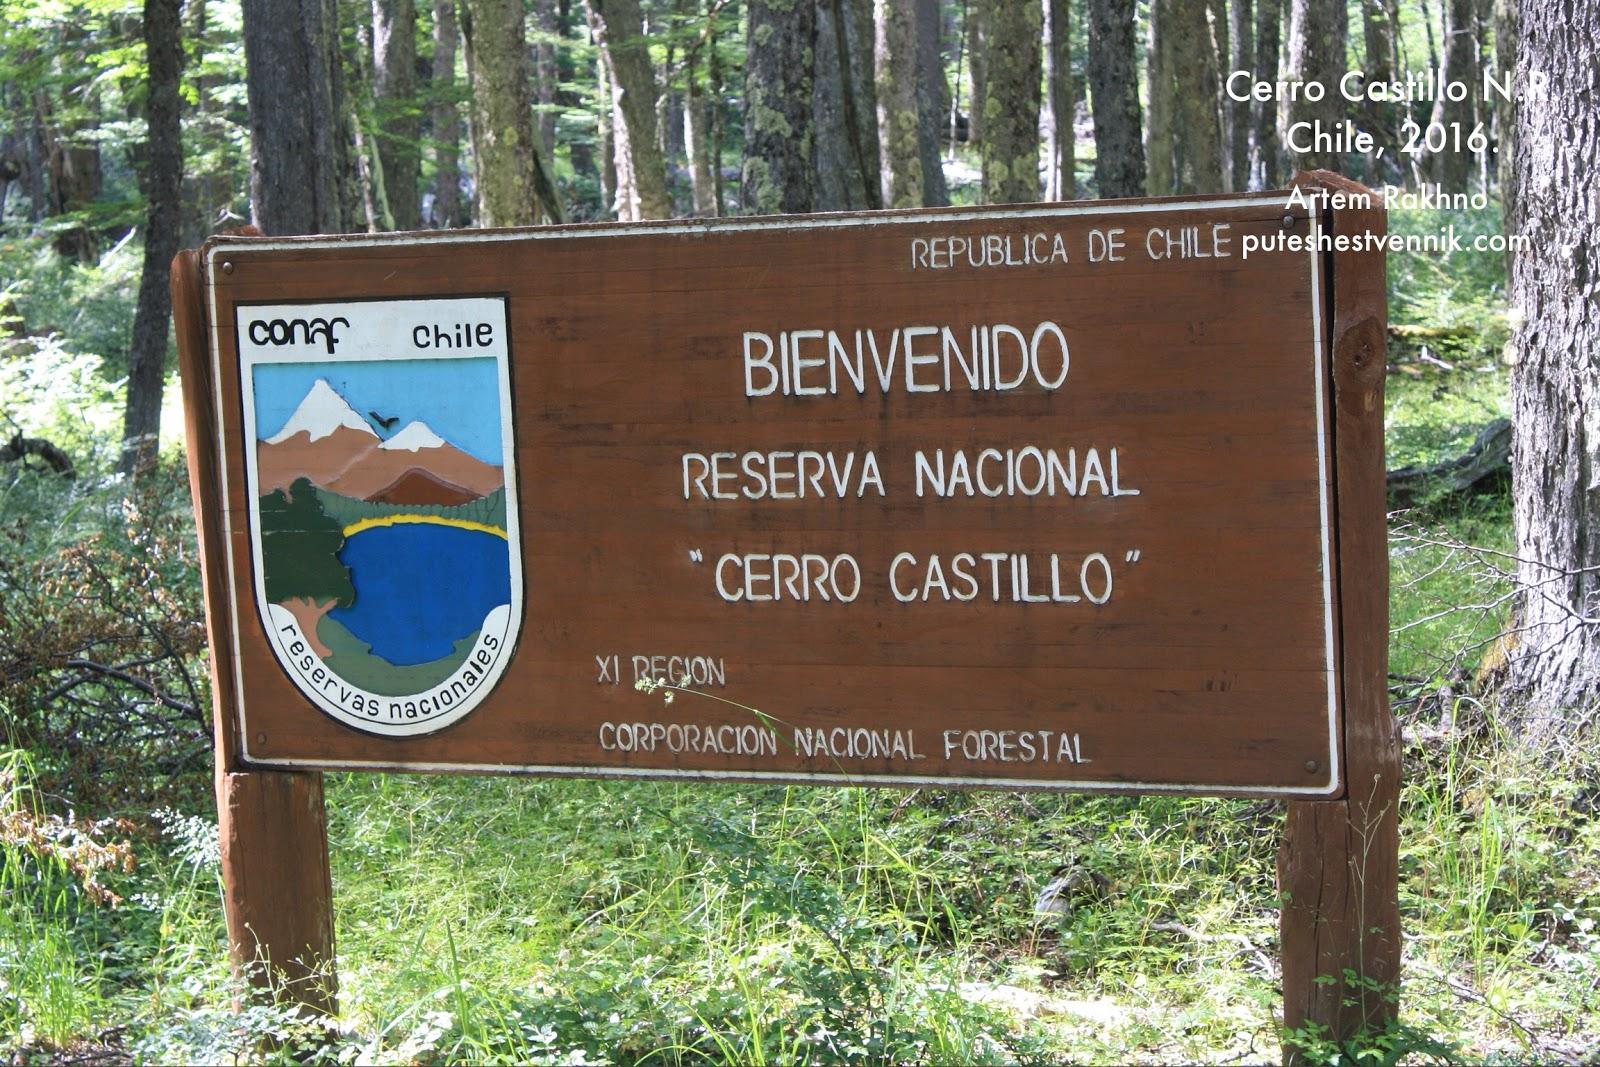 Reserva Nacional Cerro Castillo